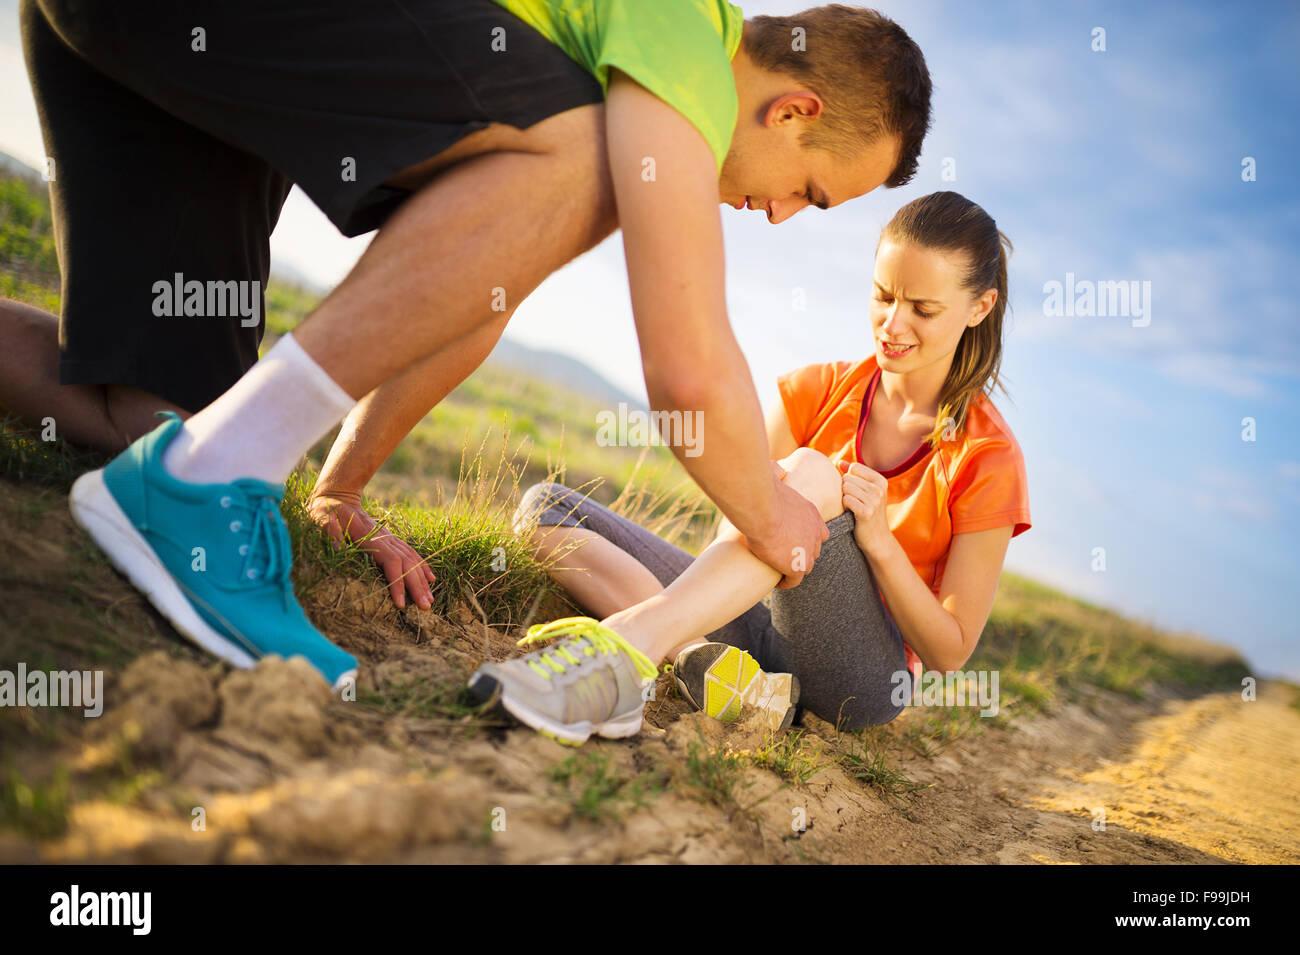 Dommage - sport femme avec genou blessé obtenez de l'aide de l'homme de toucher son genou. Photo Stock